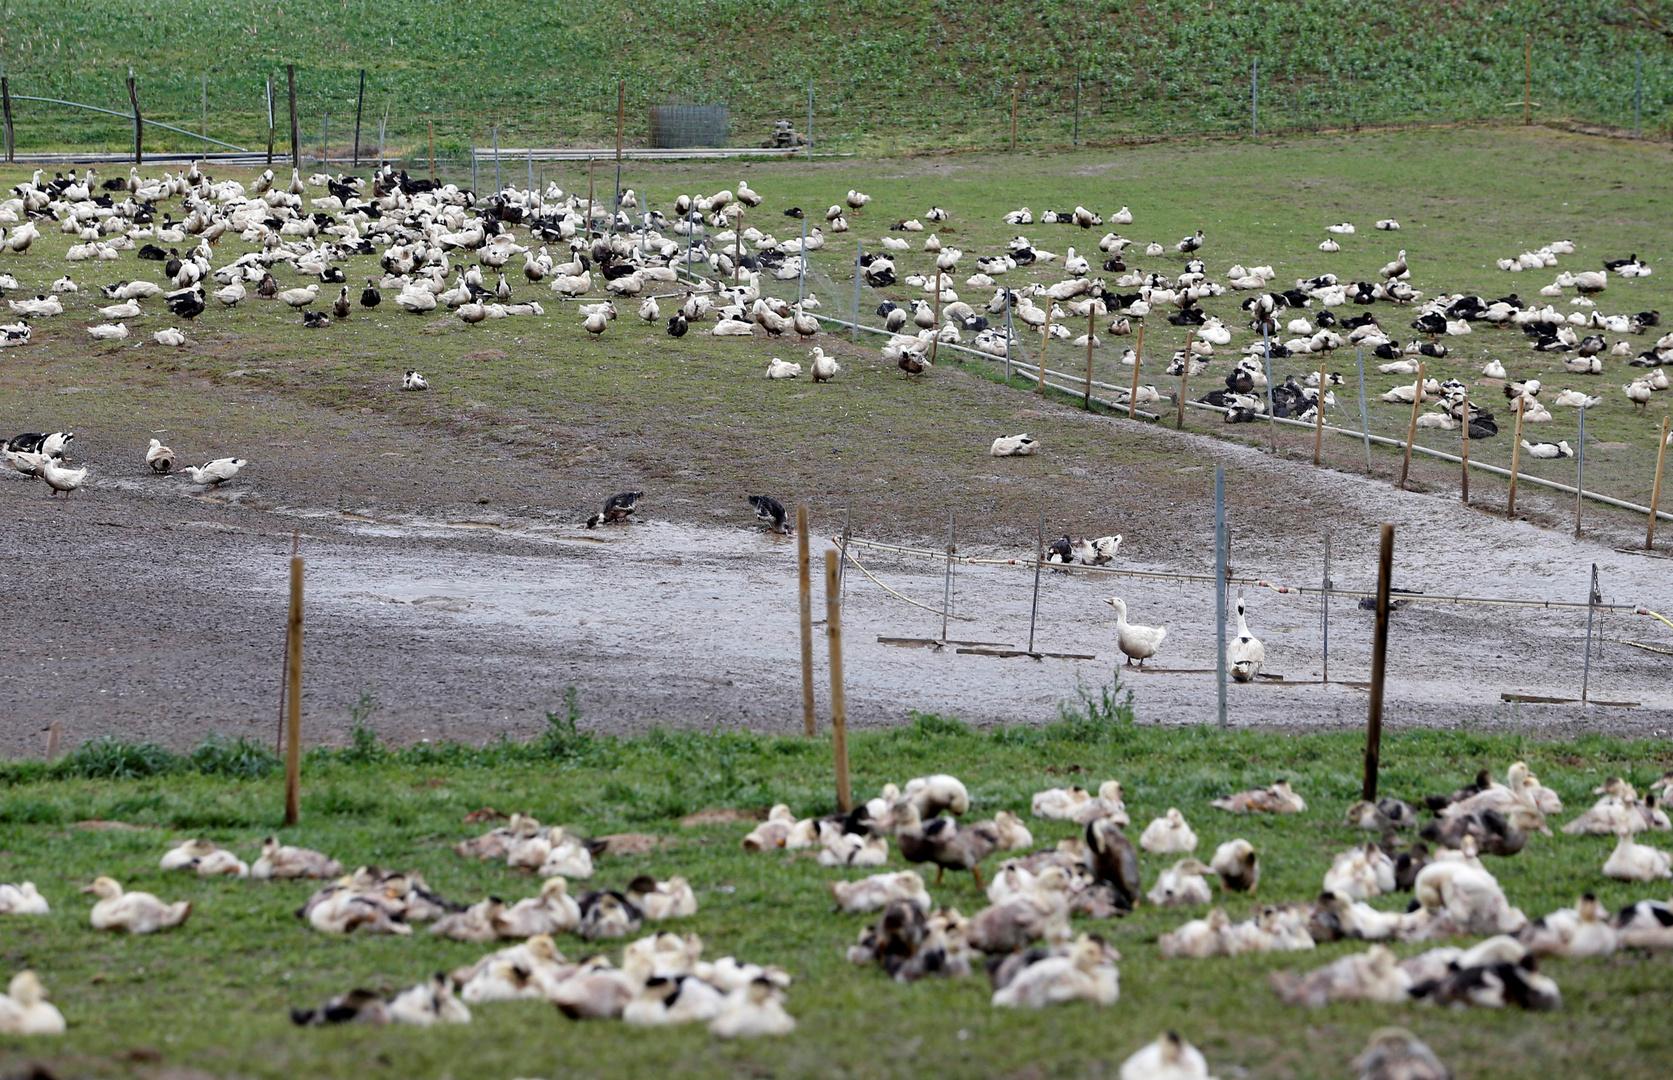 فيروس إنفلونزا الطيور يتفشي بسرعة خيالية في فرنسا..إعدام 400 ألف بطة